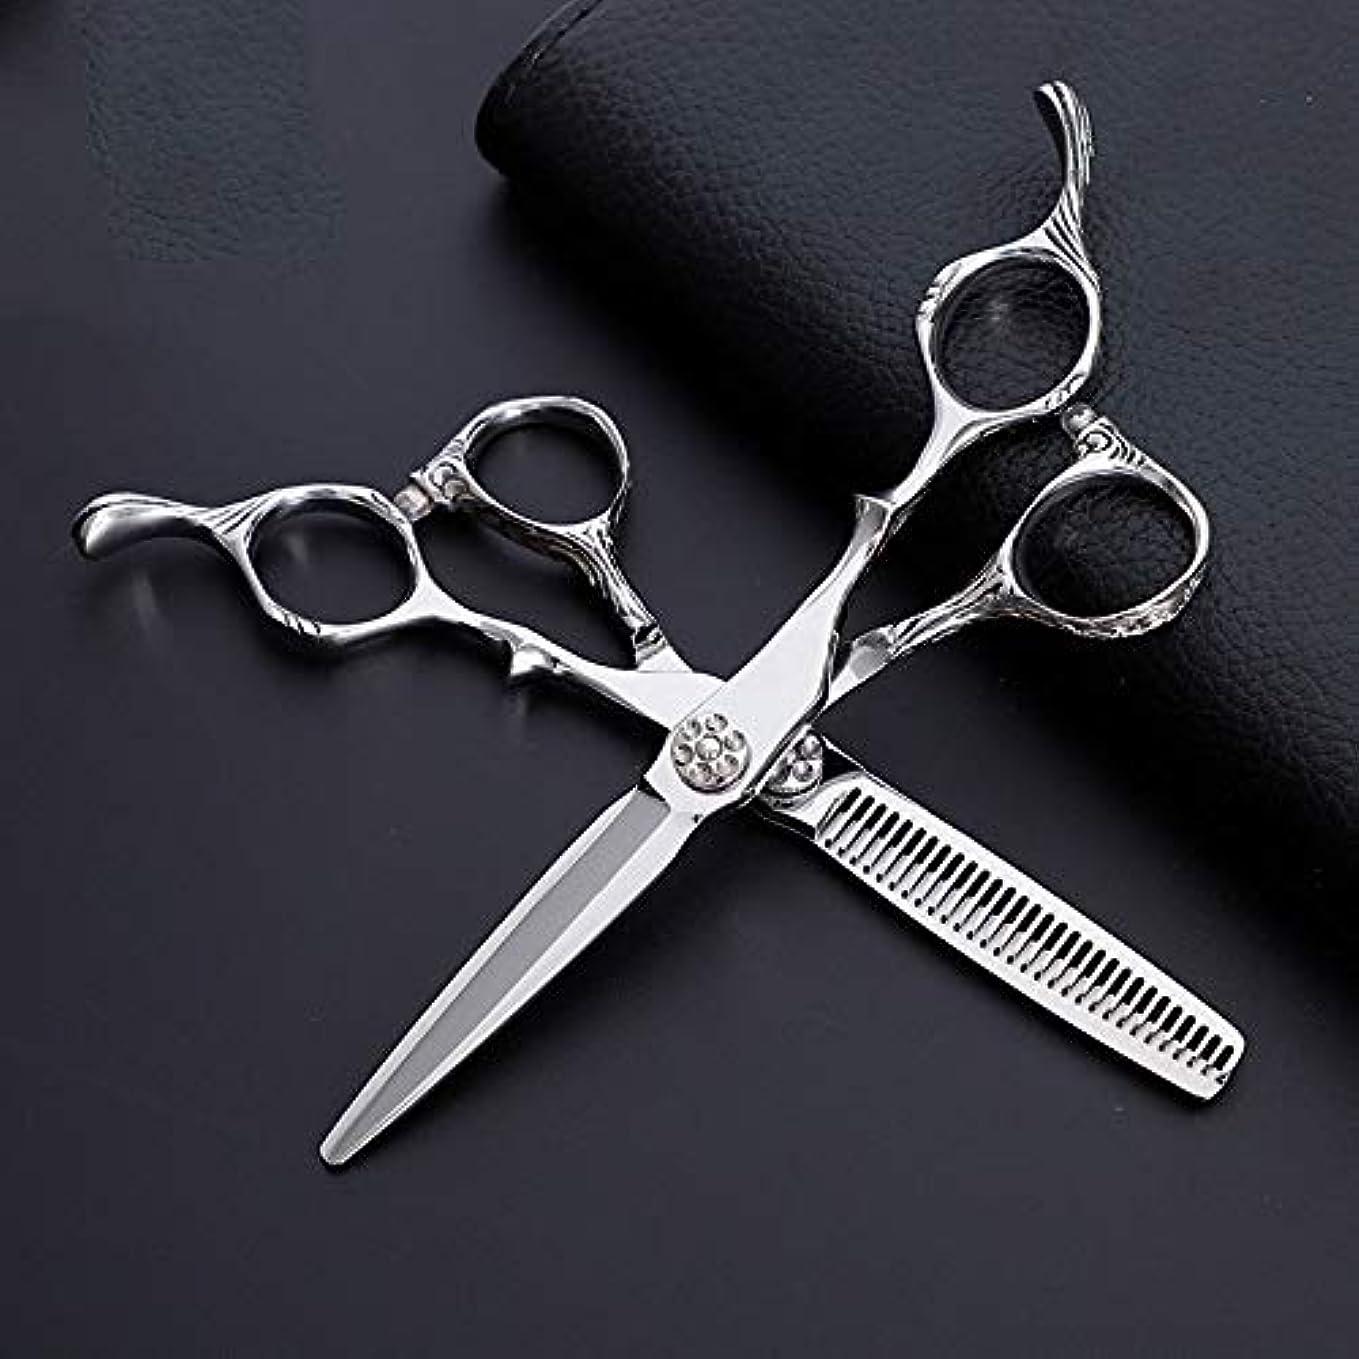 合唱団強打南方のGoodsok-jp 6インチの理髪師の専門の理髪セット上限の理髪はさみ、平らなはさみの歯のはさみセット (色 : Silver)